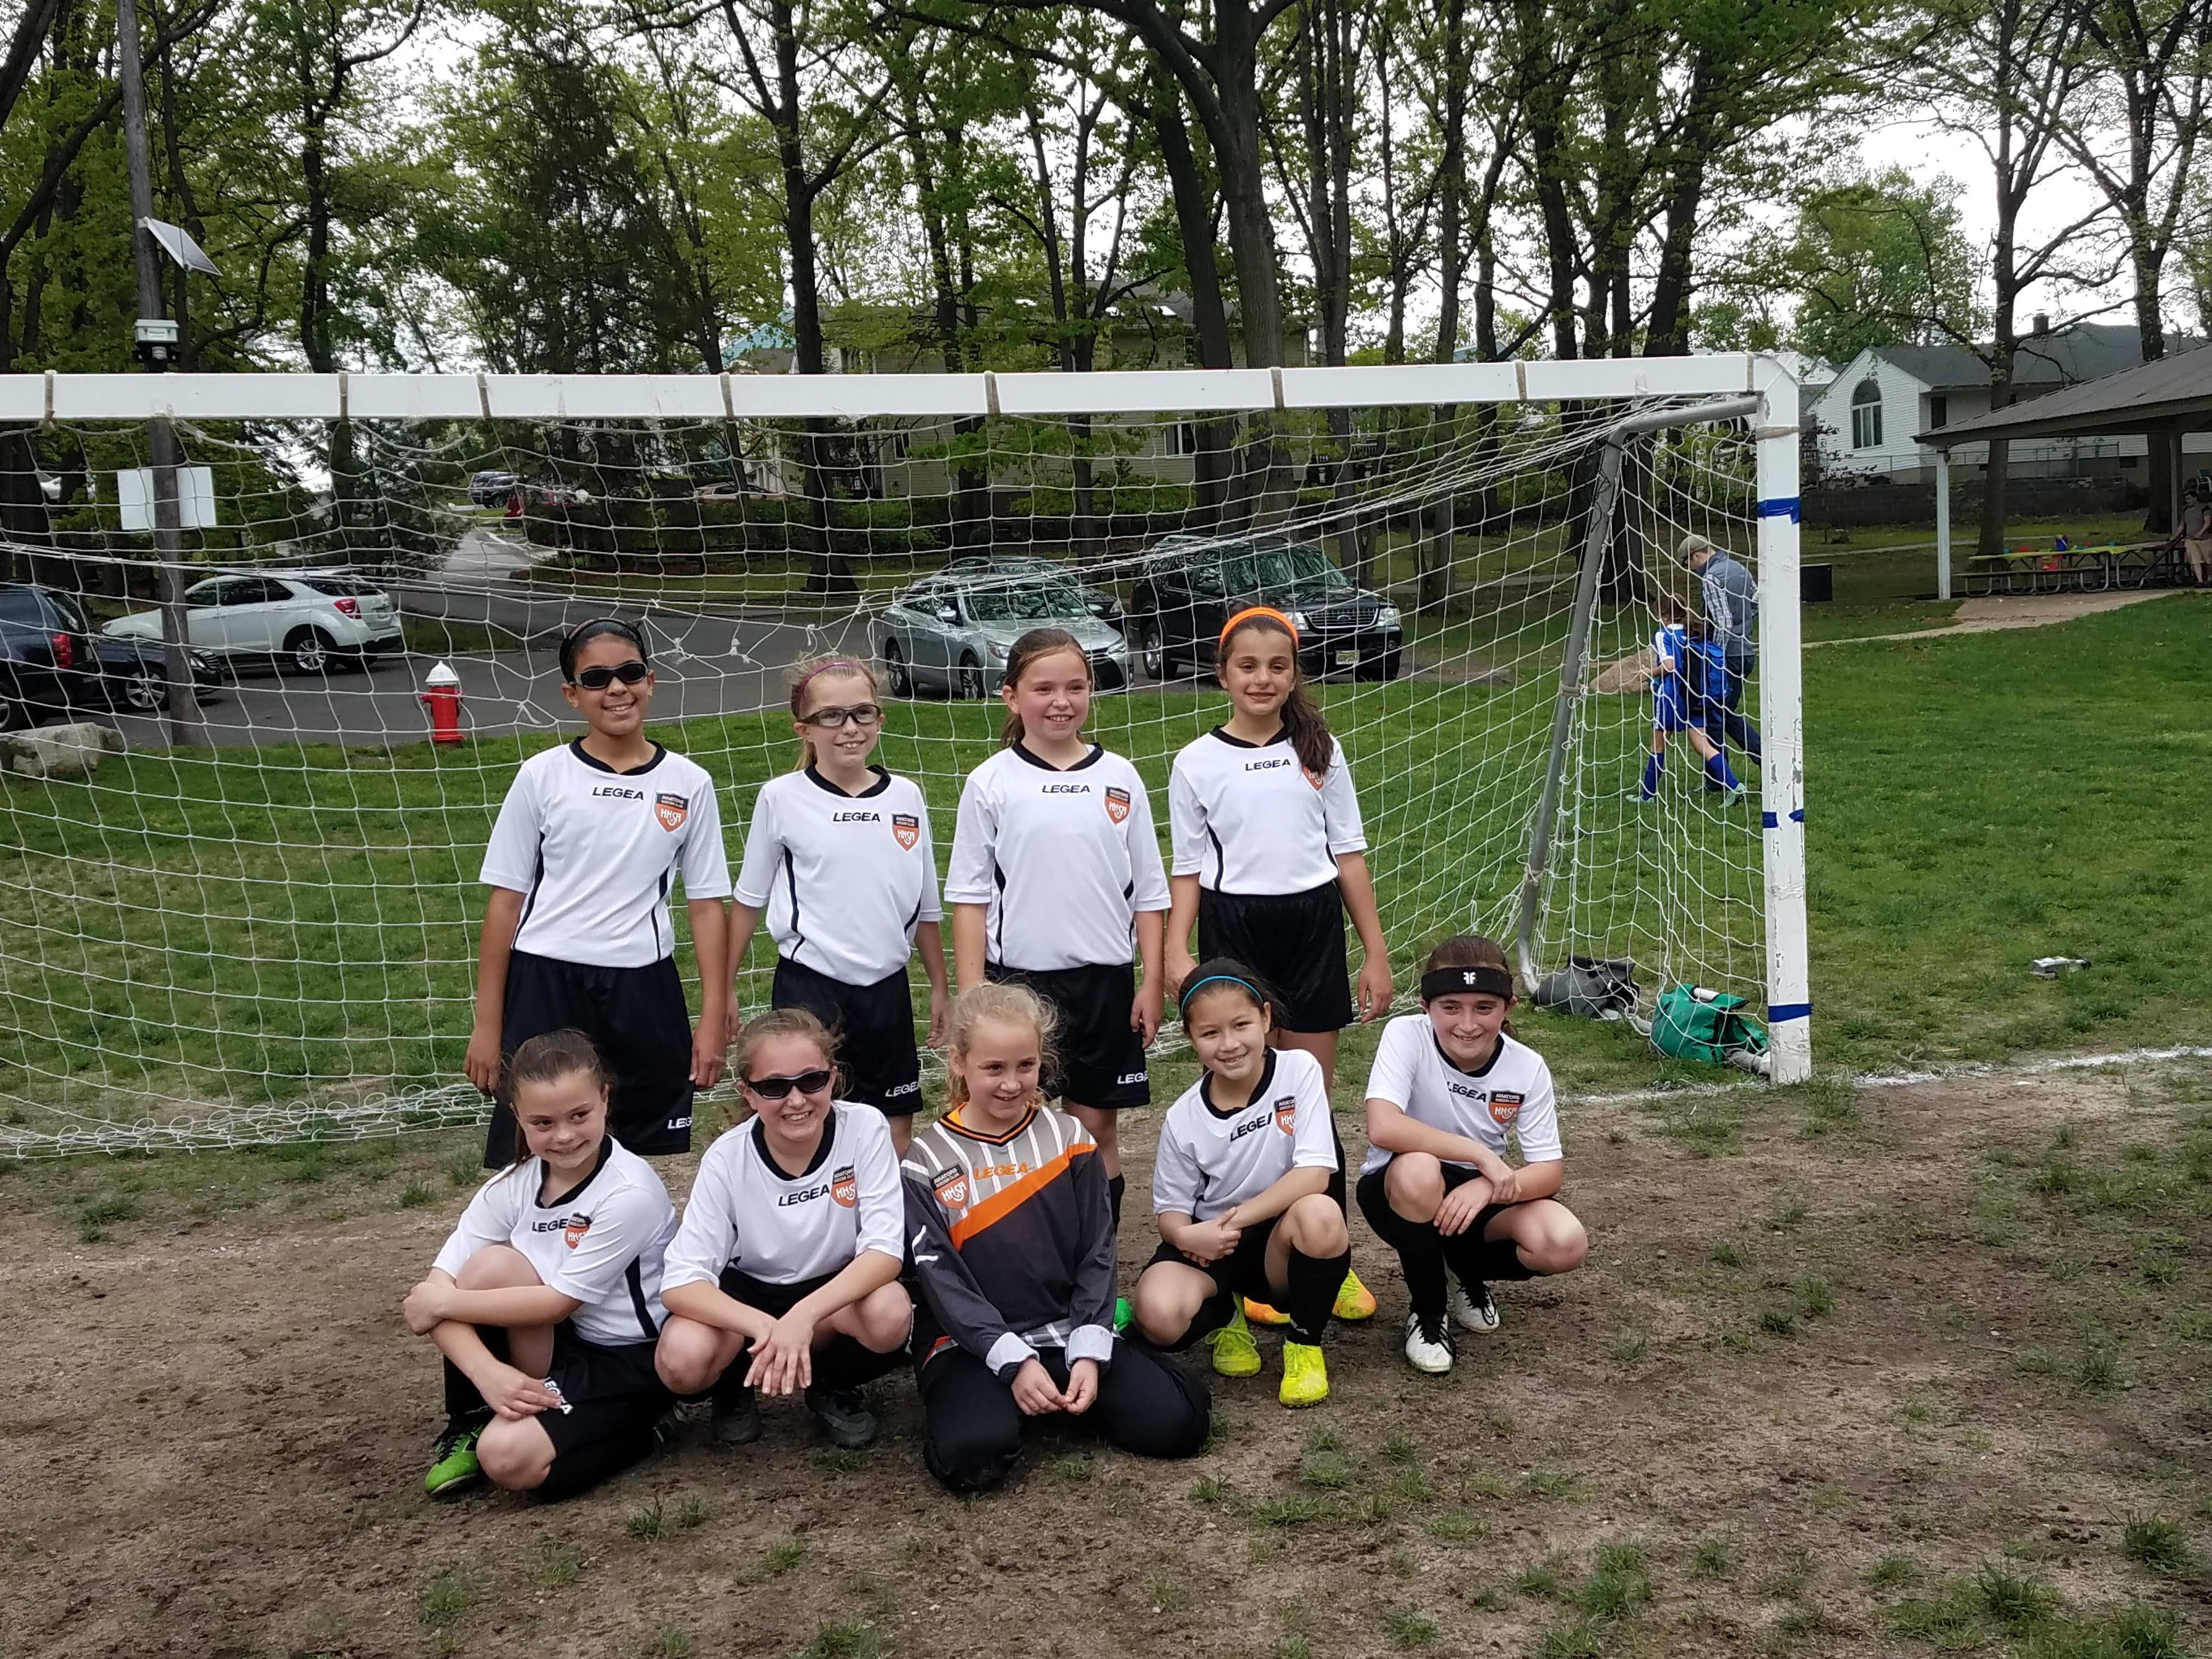 94c331f74c97d64e80c0_u10_girls_travel_soccer_team.jpg